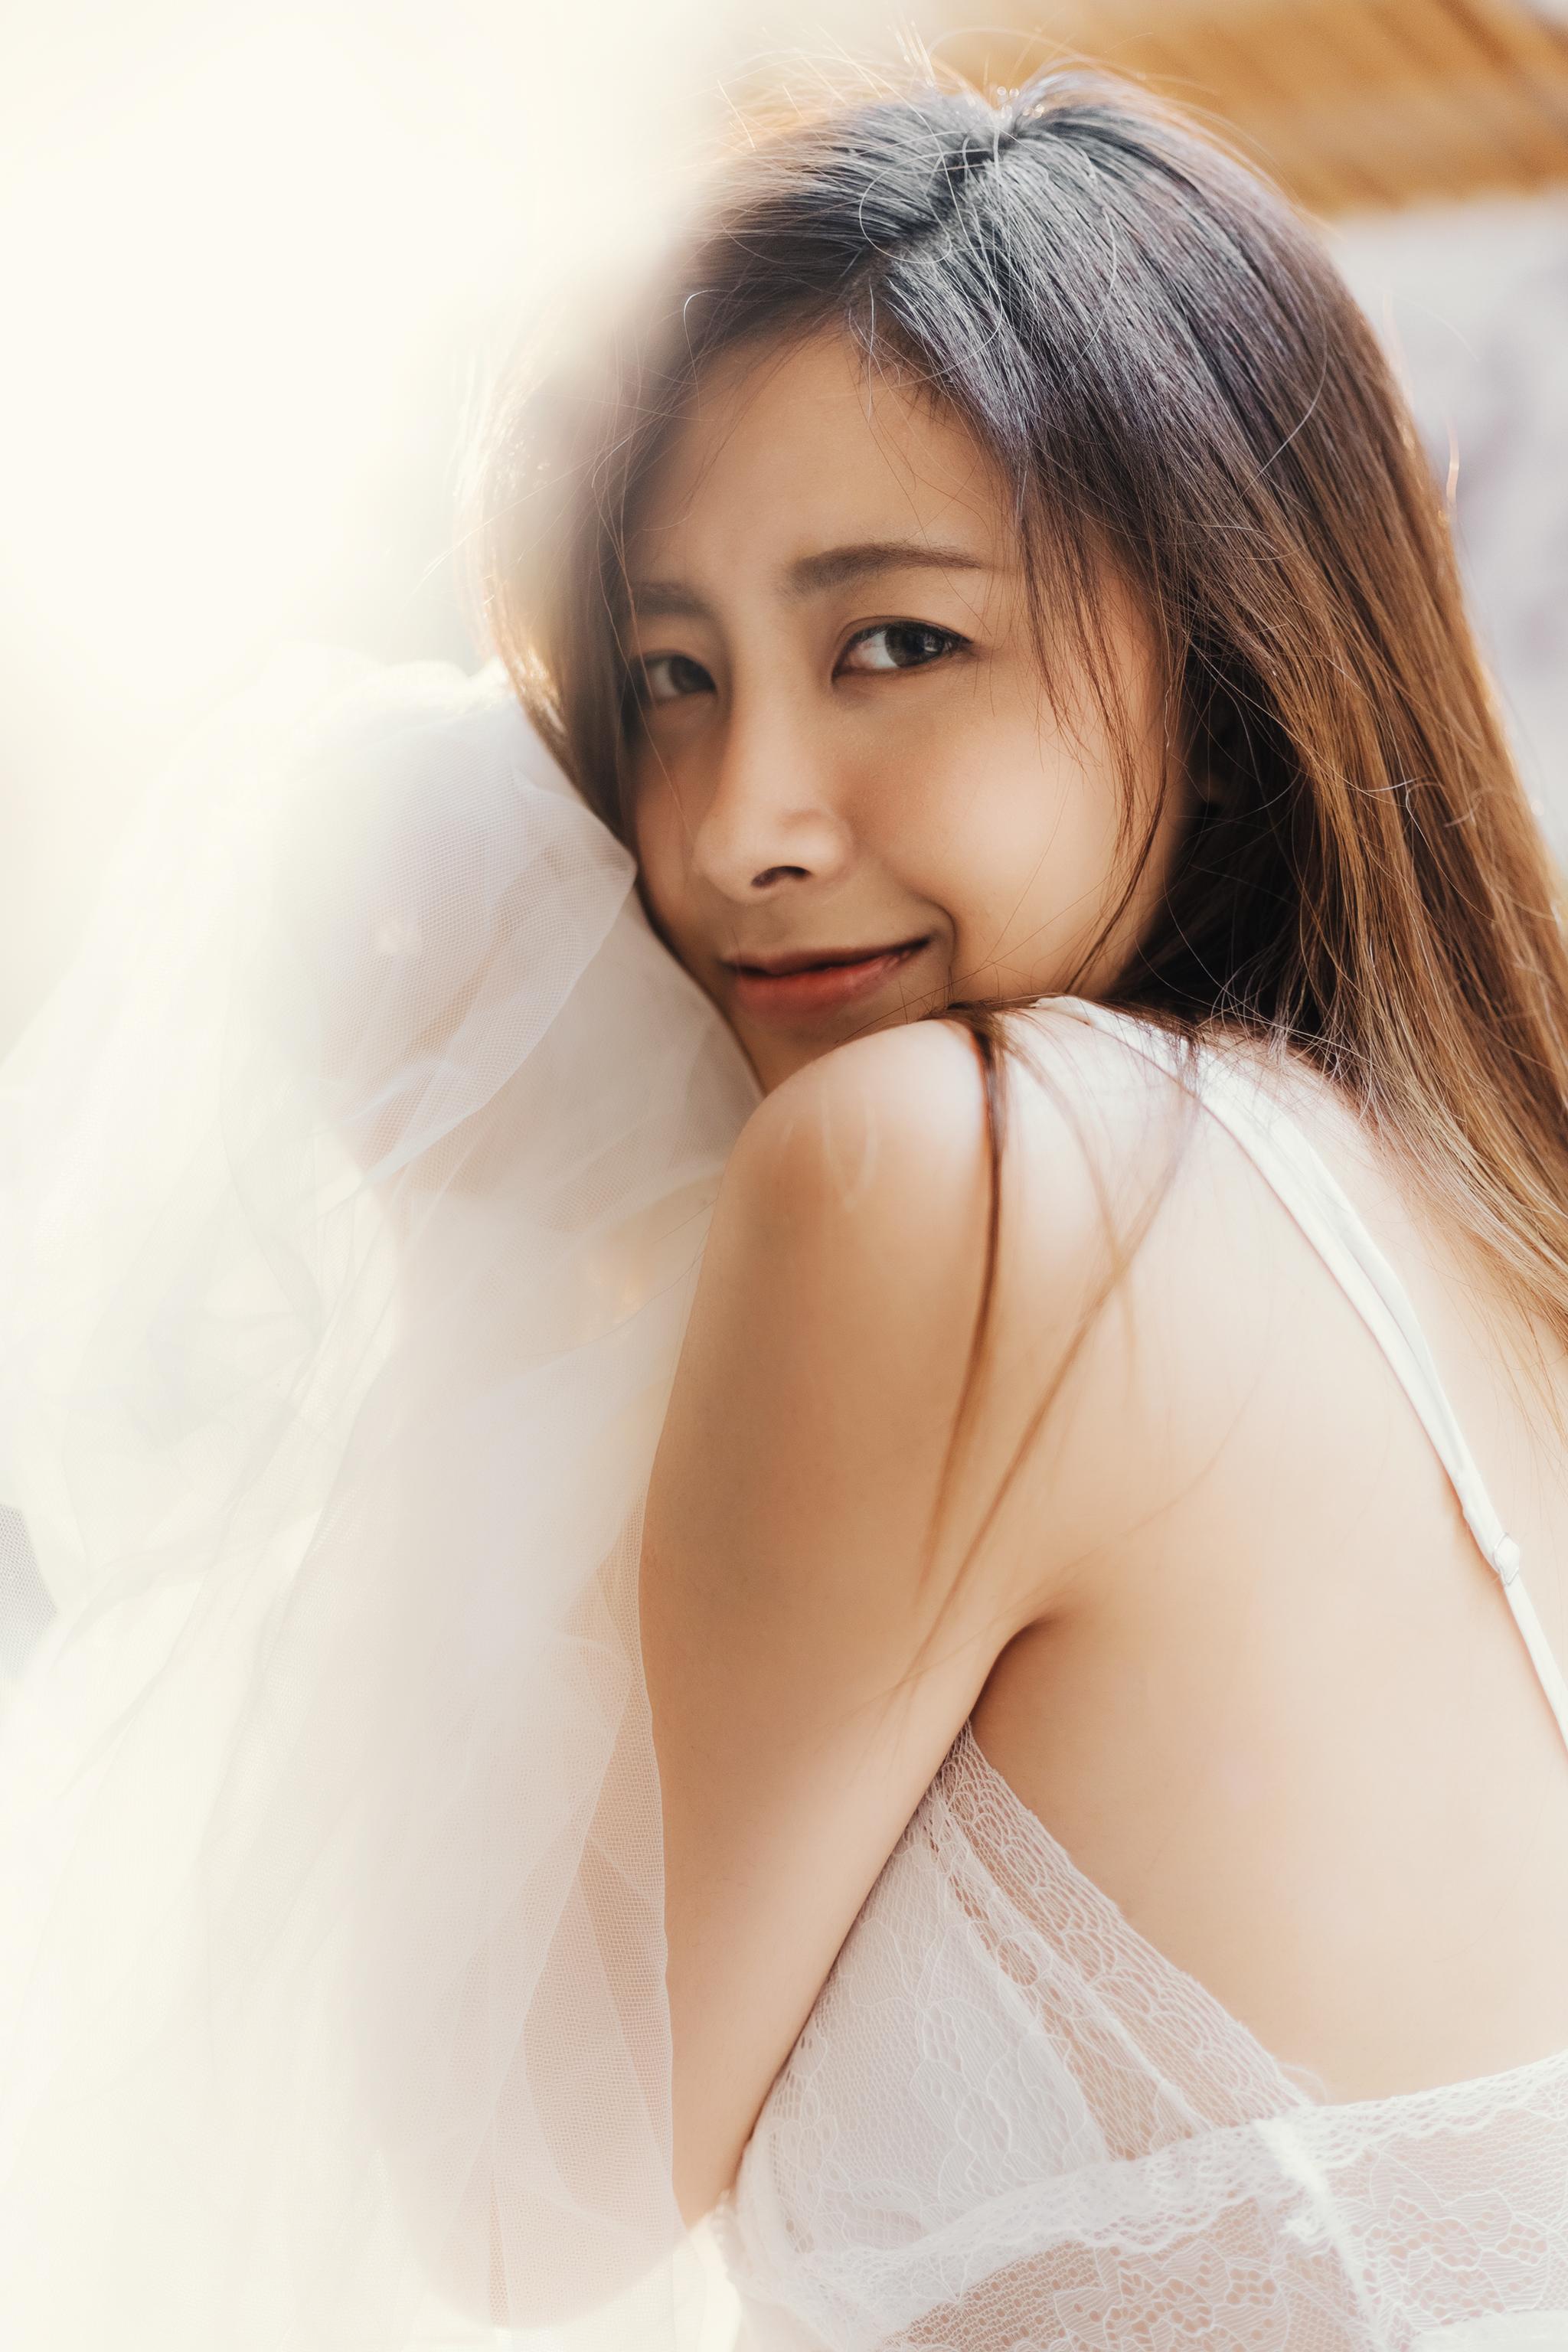 51374977113 2533b2baf0 o - 【寫真】+Angel+